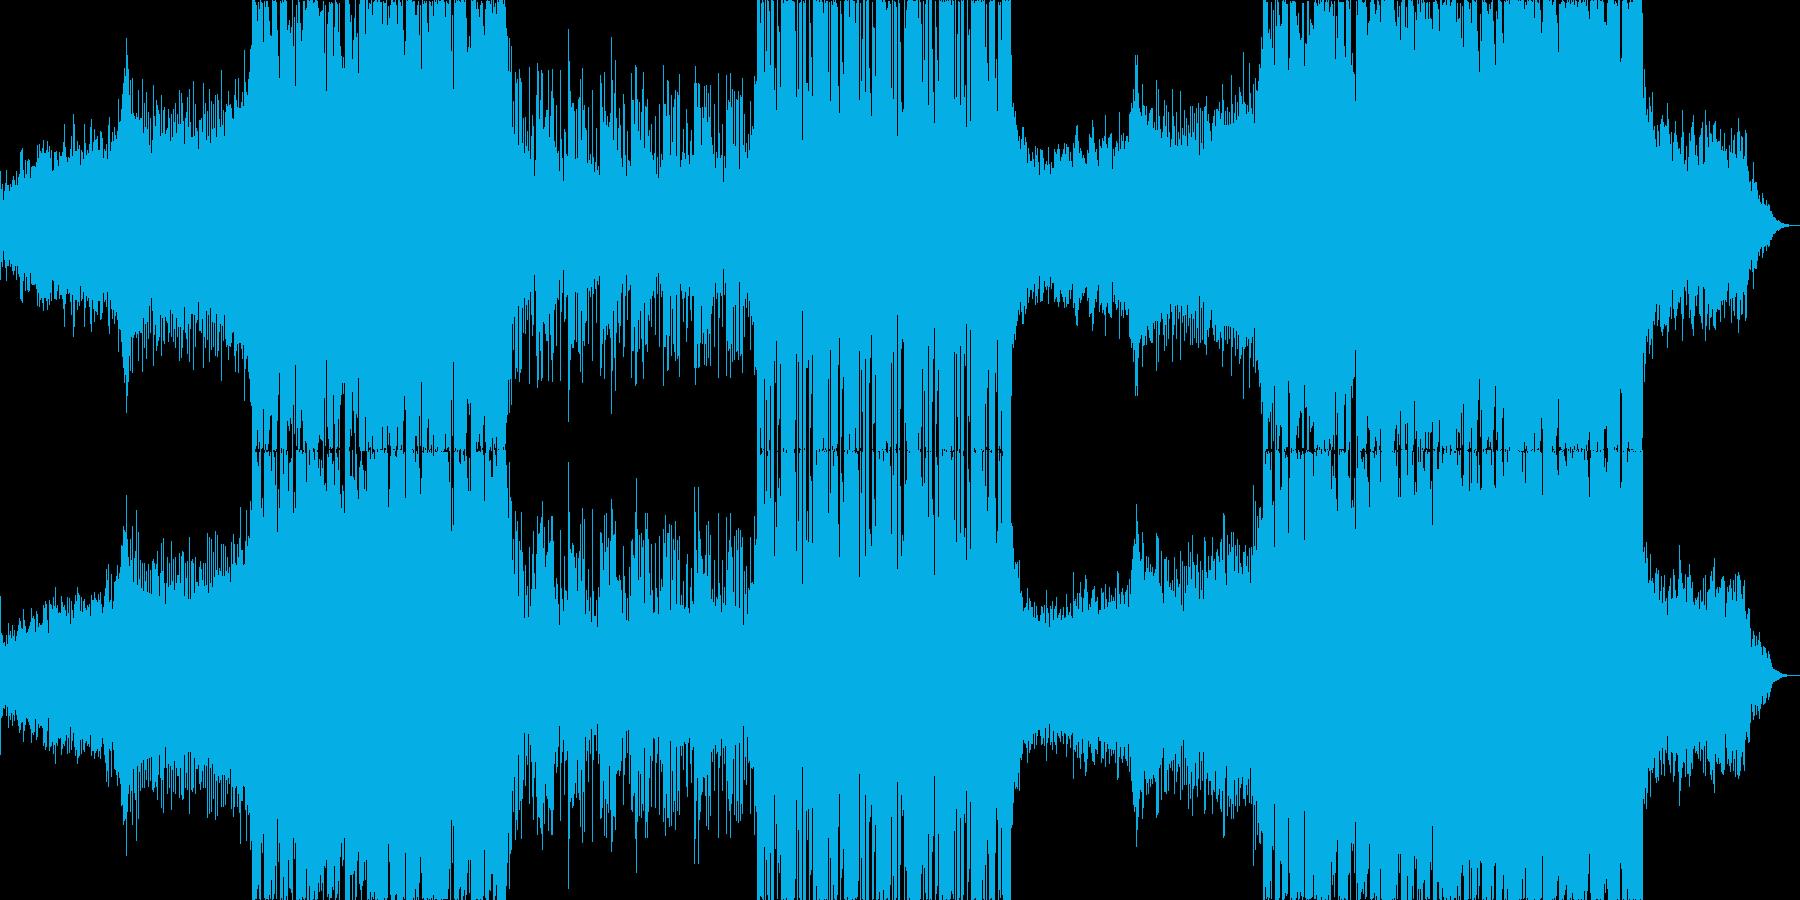 遊びのある爽やかなフューチャーエレクトロの再生済みの波形